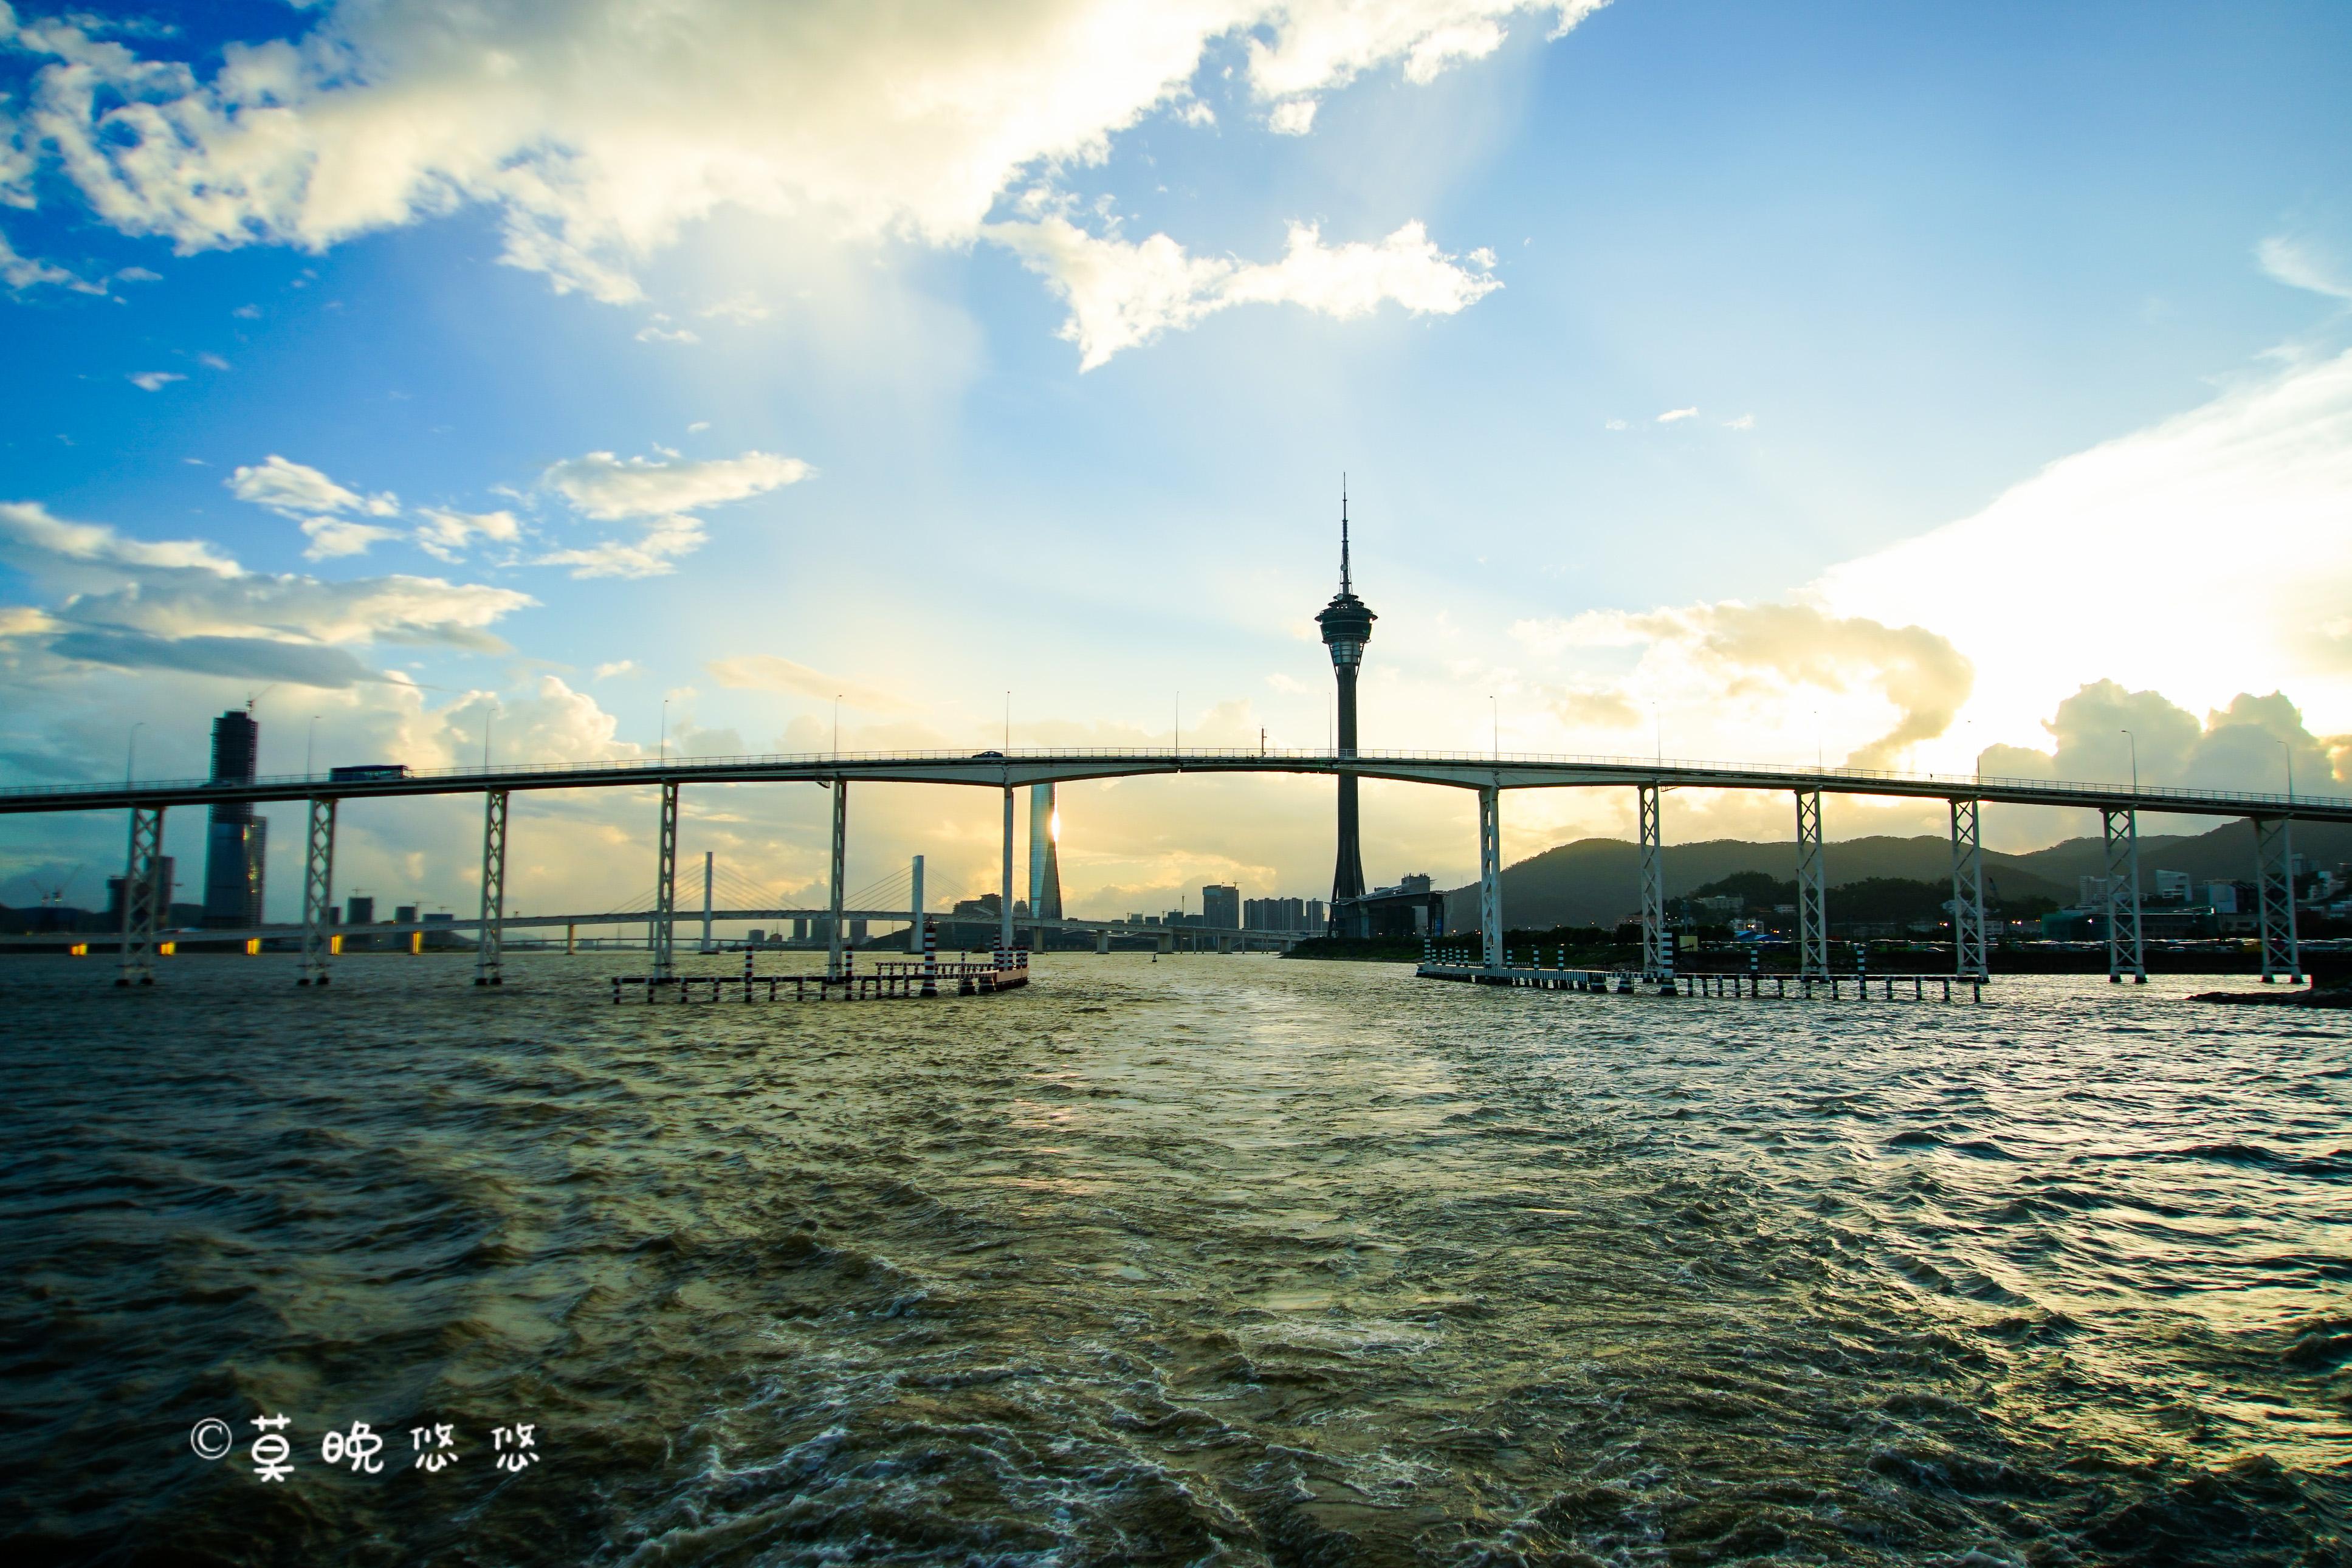 浪漫珠澳海湾游,带你看世界上最长跨海大桥